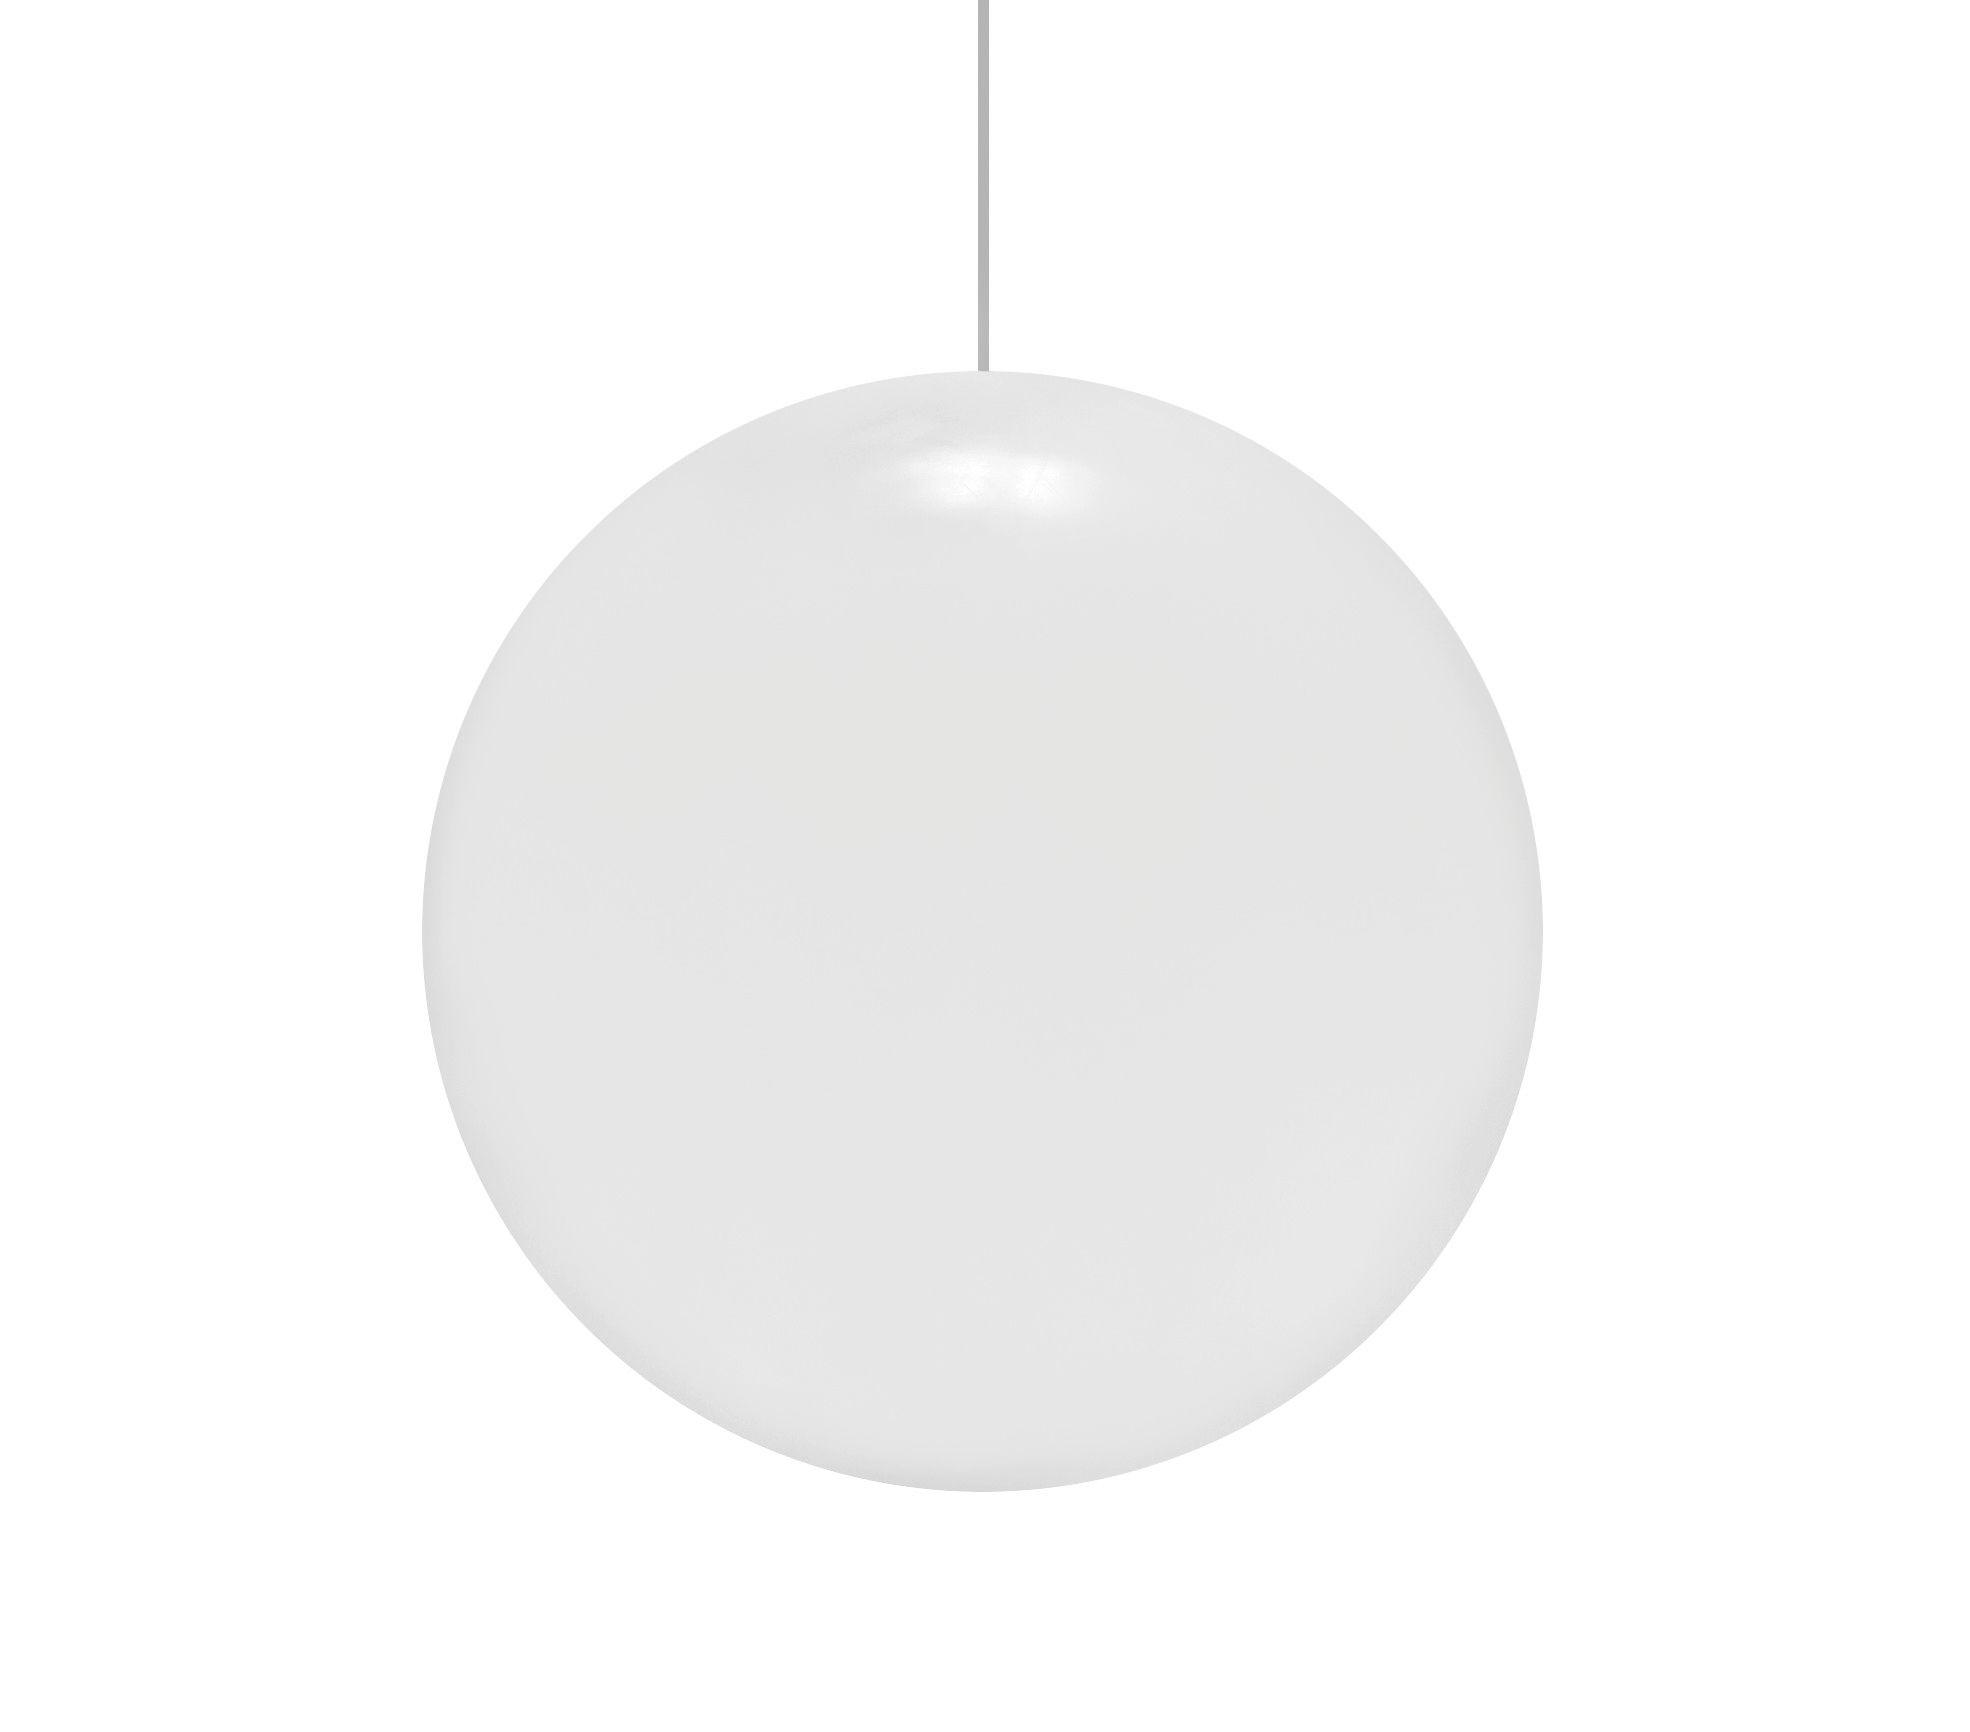 Leuchten - Pendelleuchten - Globo Pendelleuchte - Slide - Weiß - Ø 30 cm - Polyäthylen